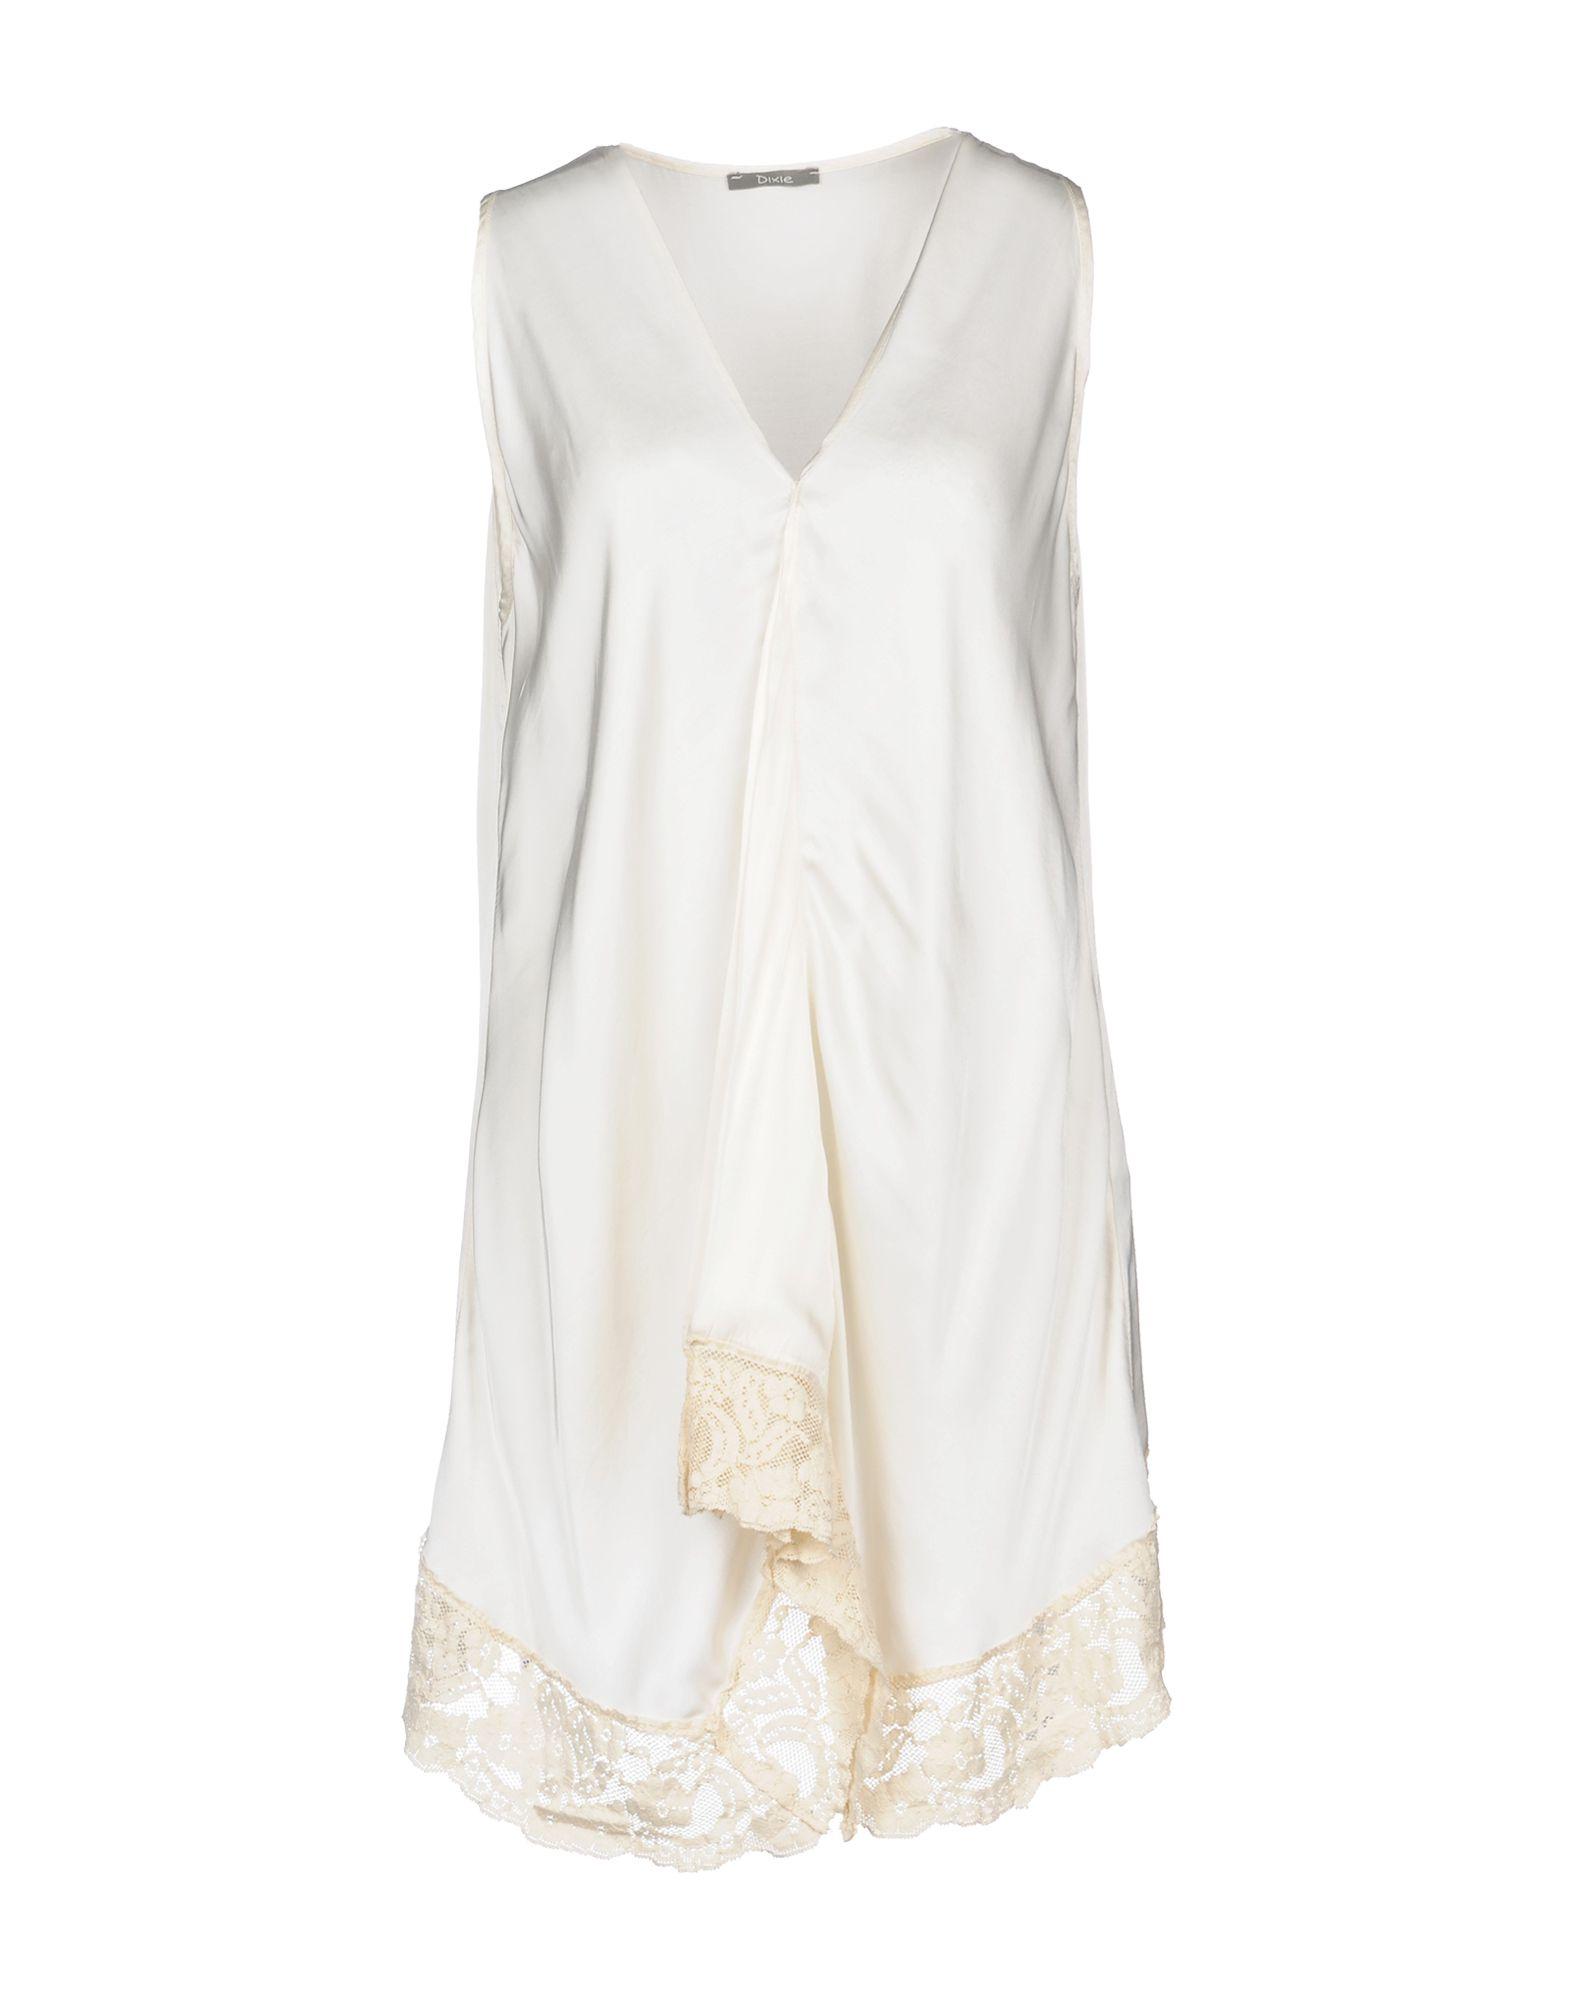 DIXIE Короткое платье платье без рукавов с кружевной вставкой на спинке